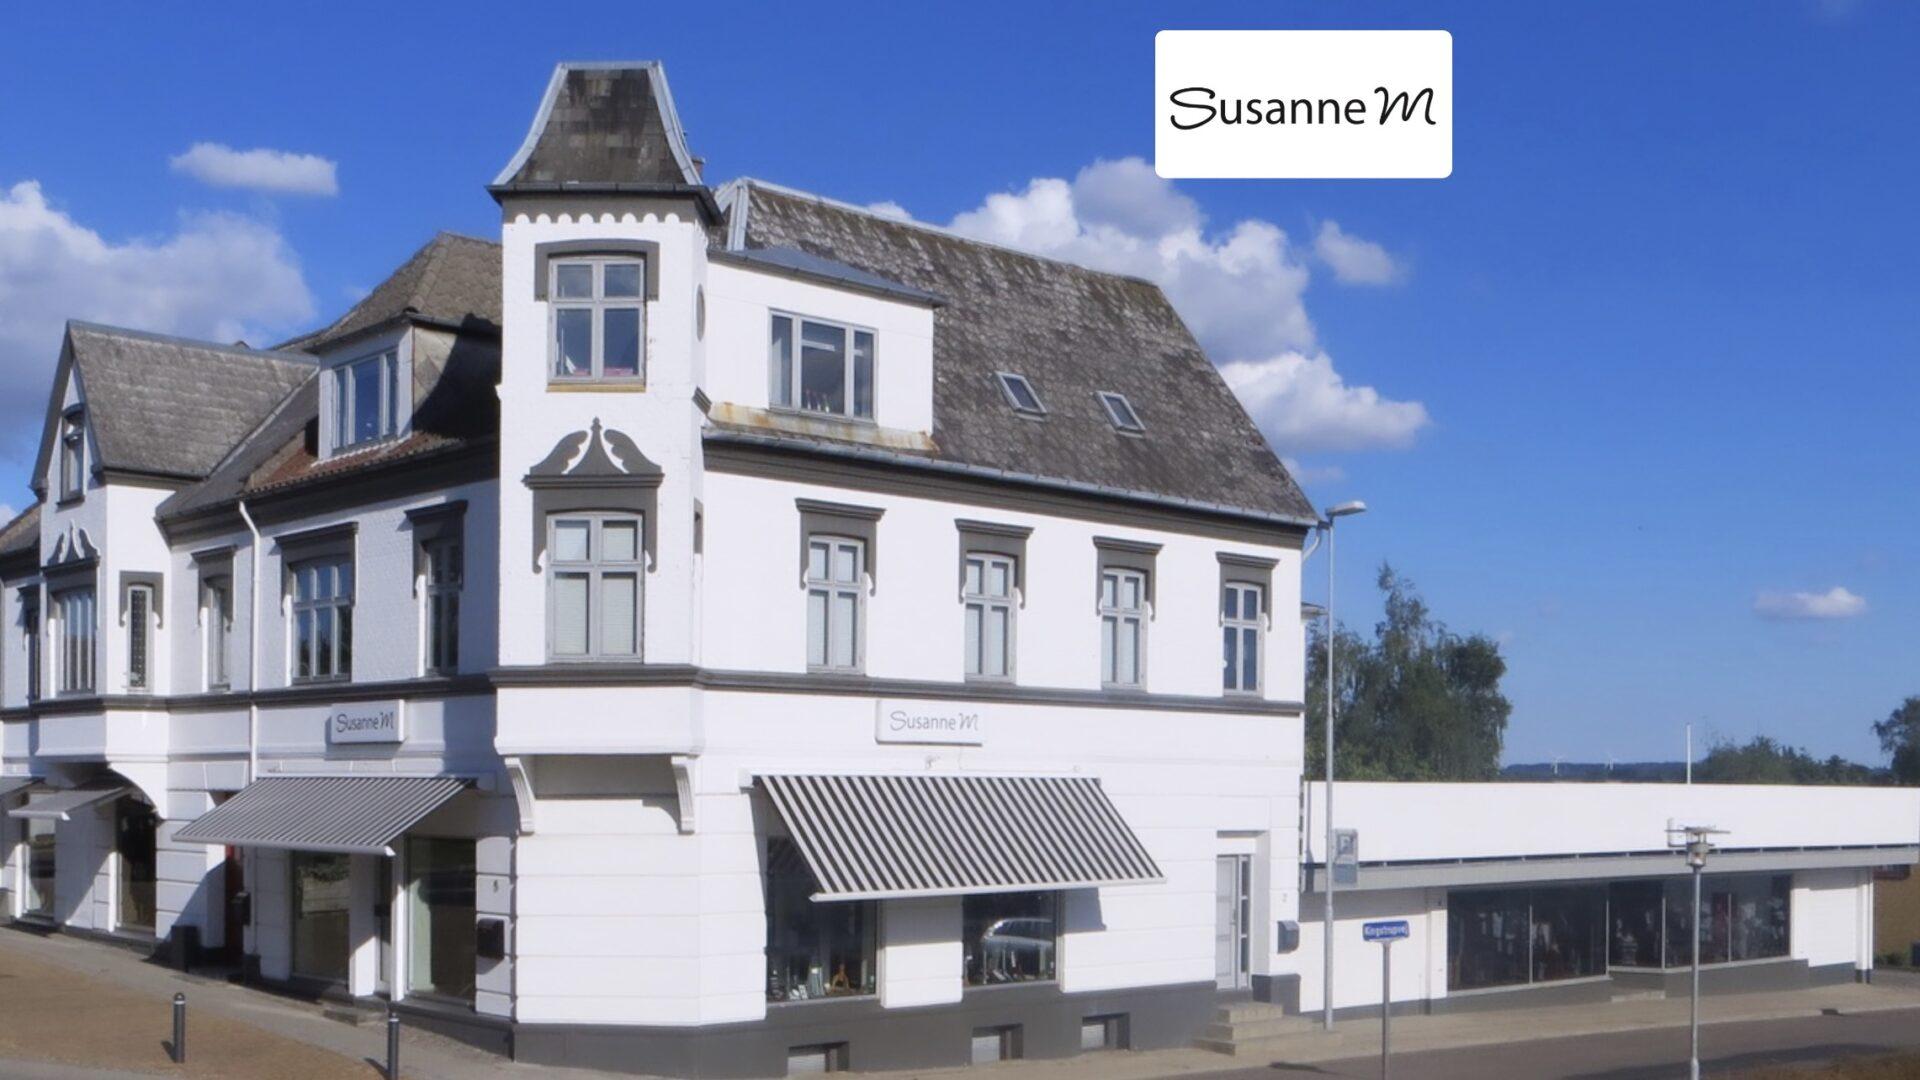 Susanne M